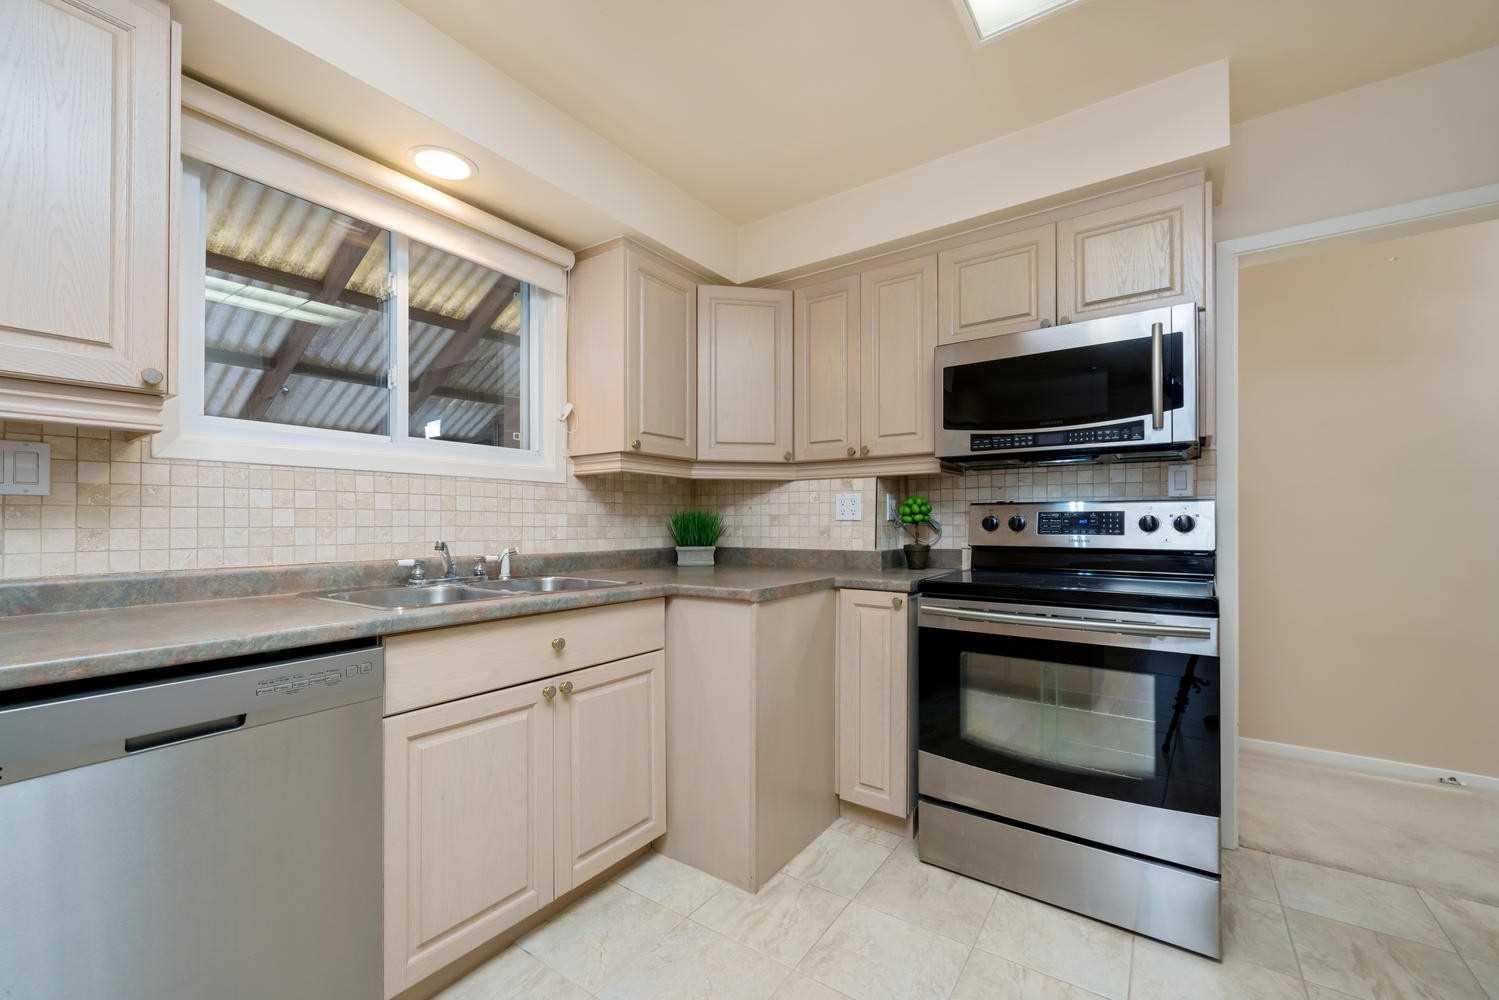 311 Delrex Blvd, Halton Hills W4632051